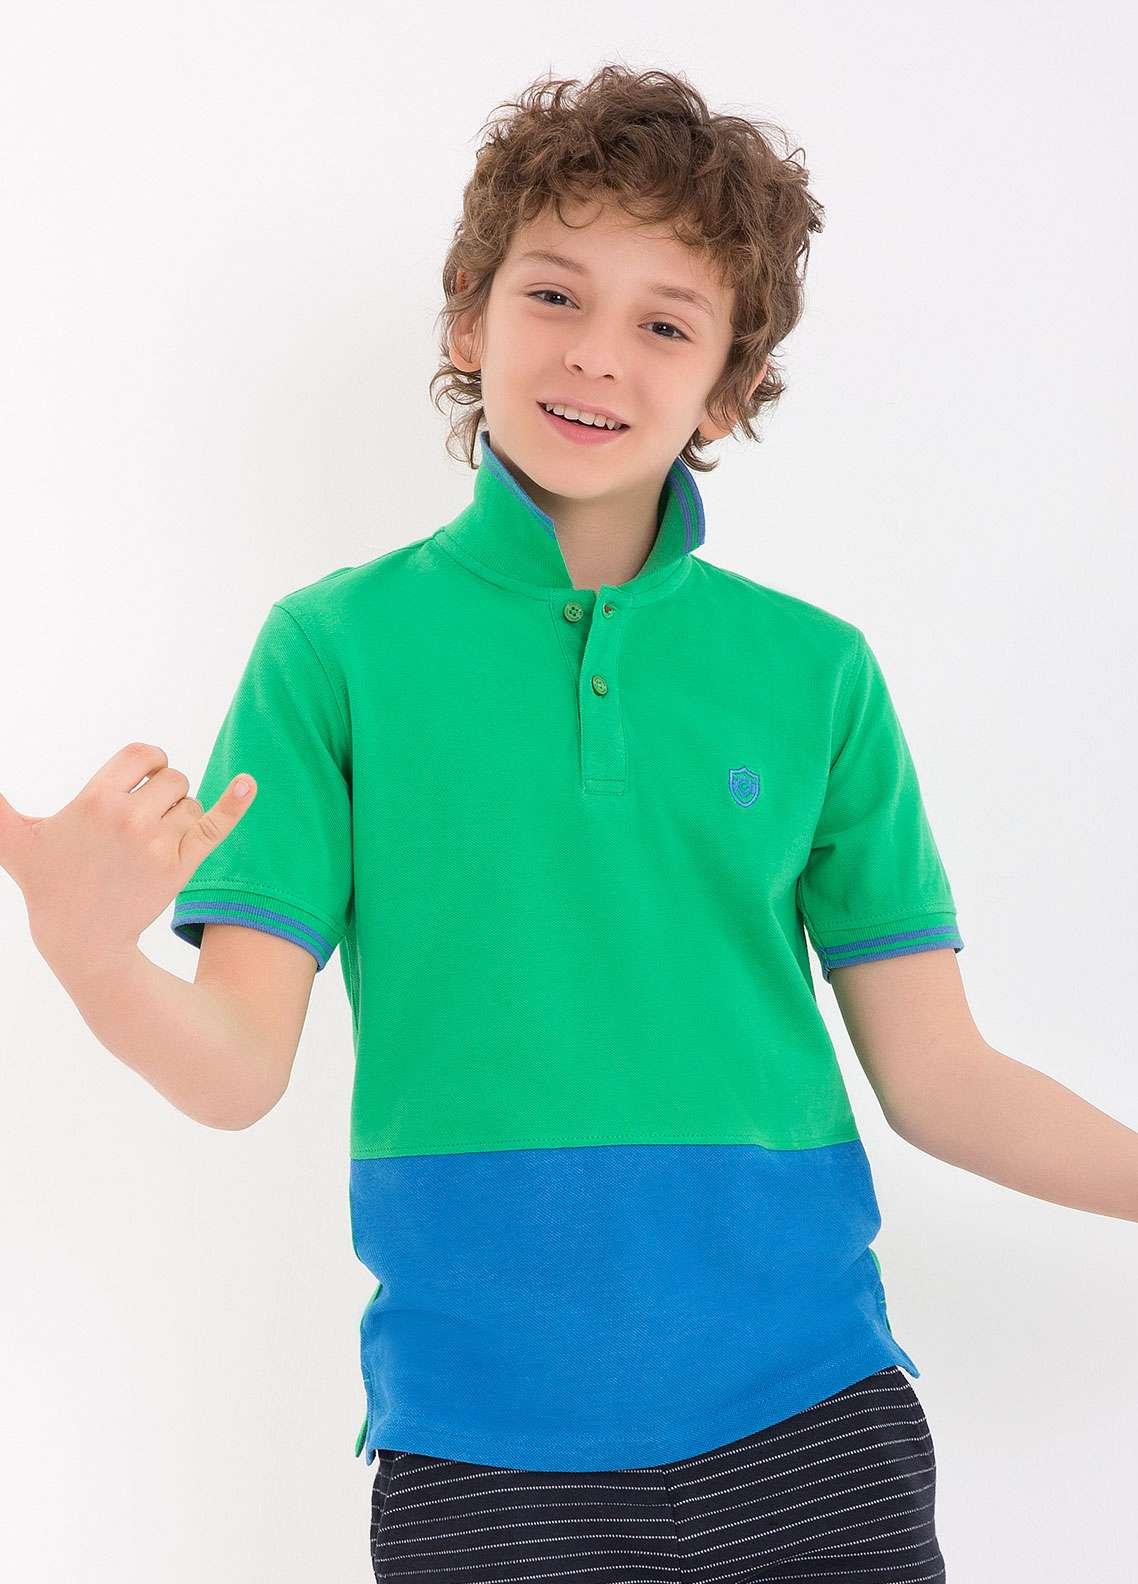 Edenrobe Cotton Polo Shirts for Boys - Green EDK18PS 011